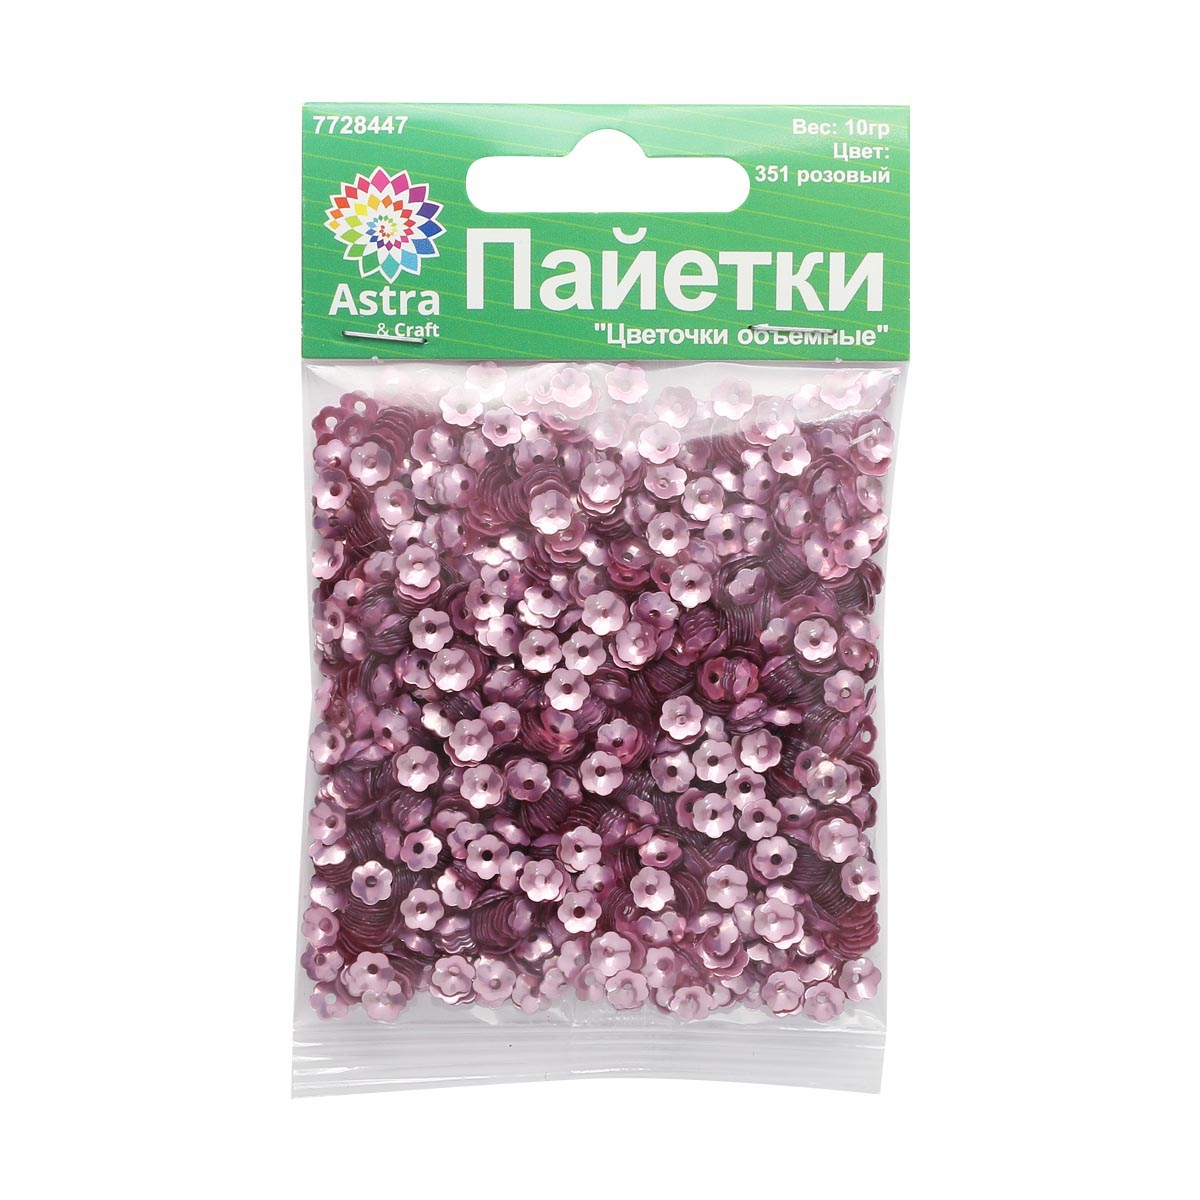 Пайетки 'Цветочки объемные (чаша)' # 387, 5мм, 10гр Астра